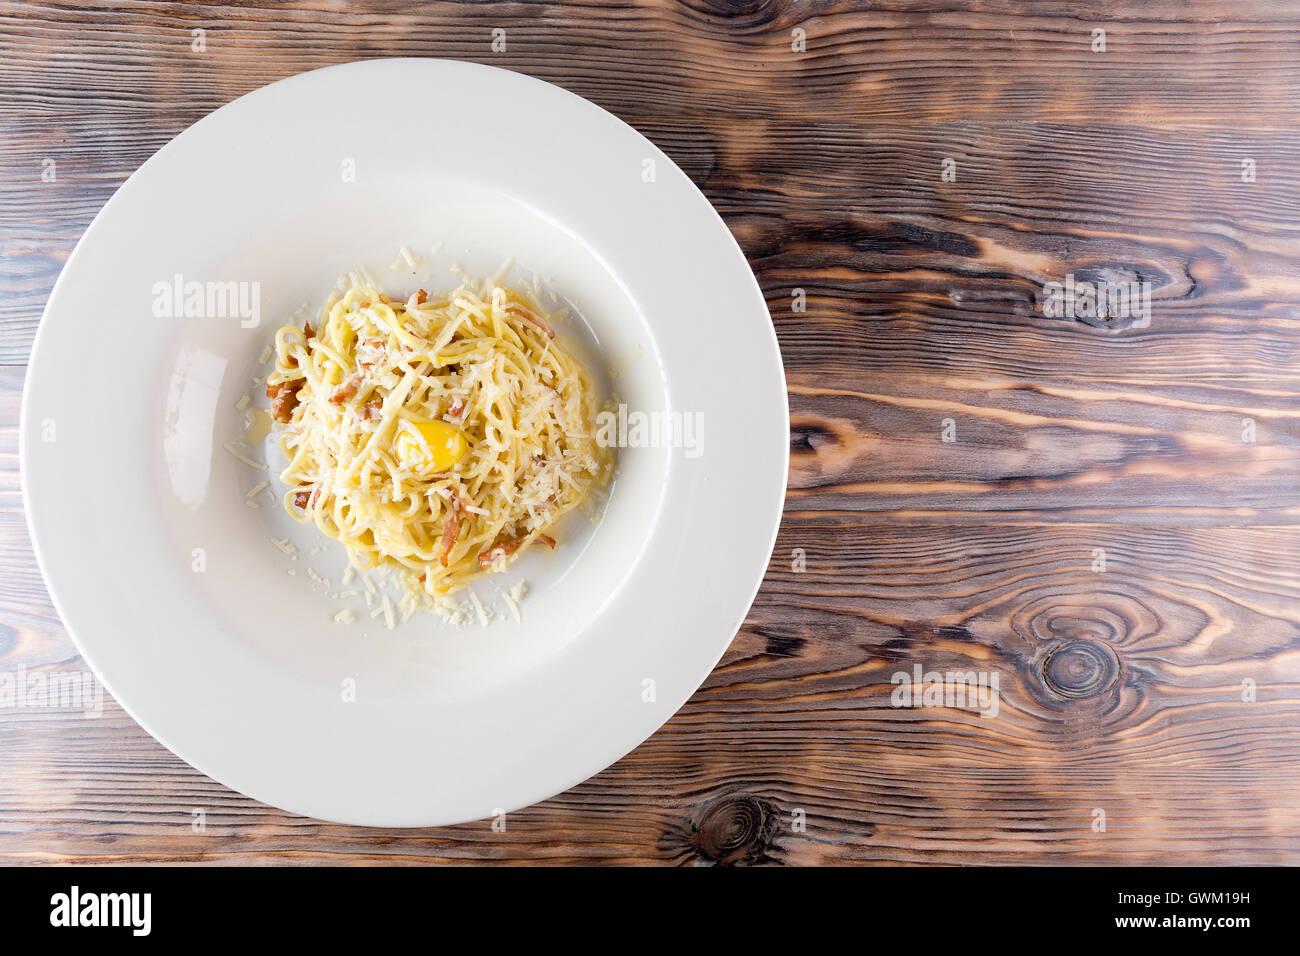 Pasta con uovo su sfondo di legno. Immagini Stock